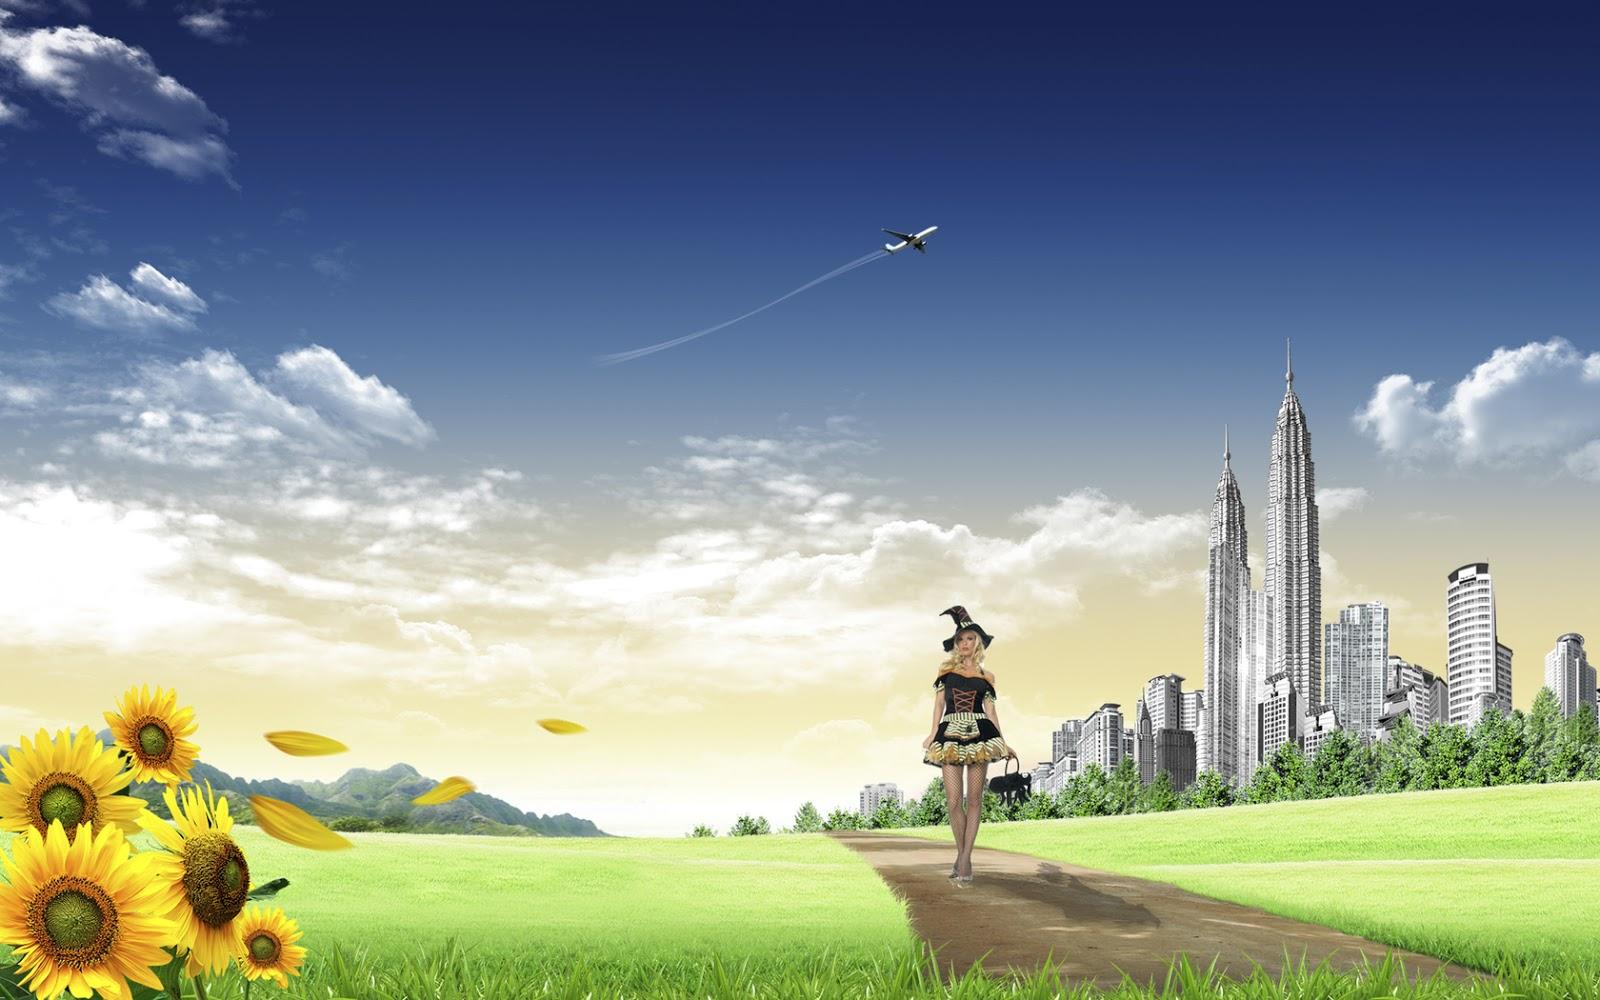 1080p Backgrounds Free Wallpapersafari